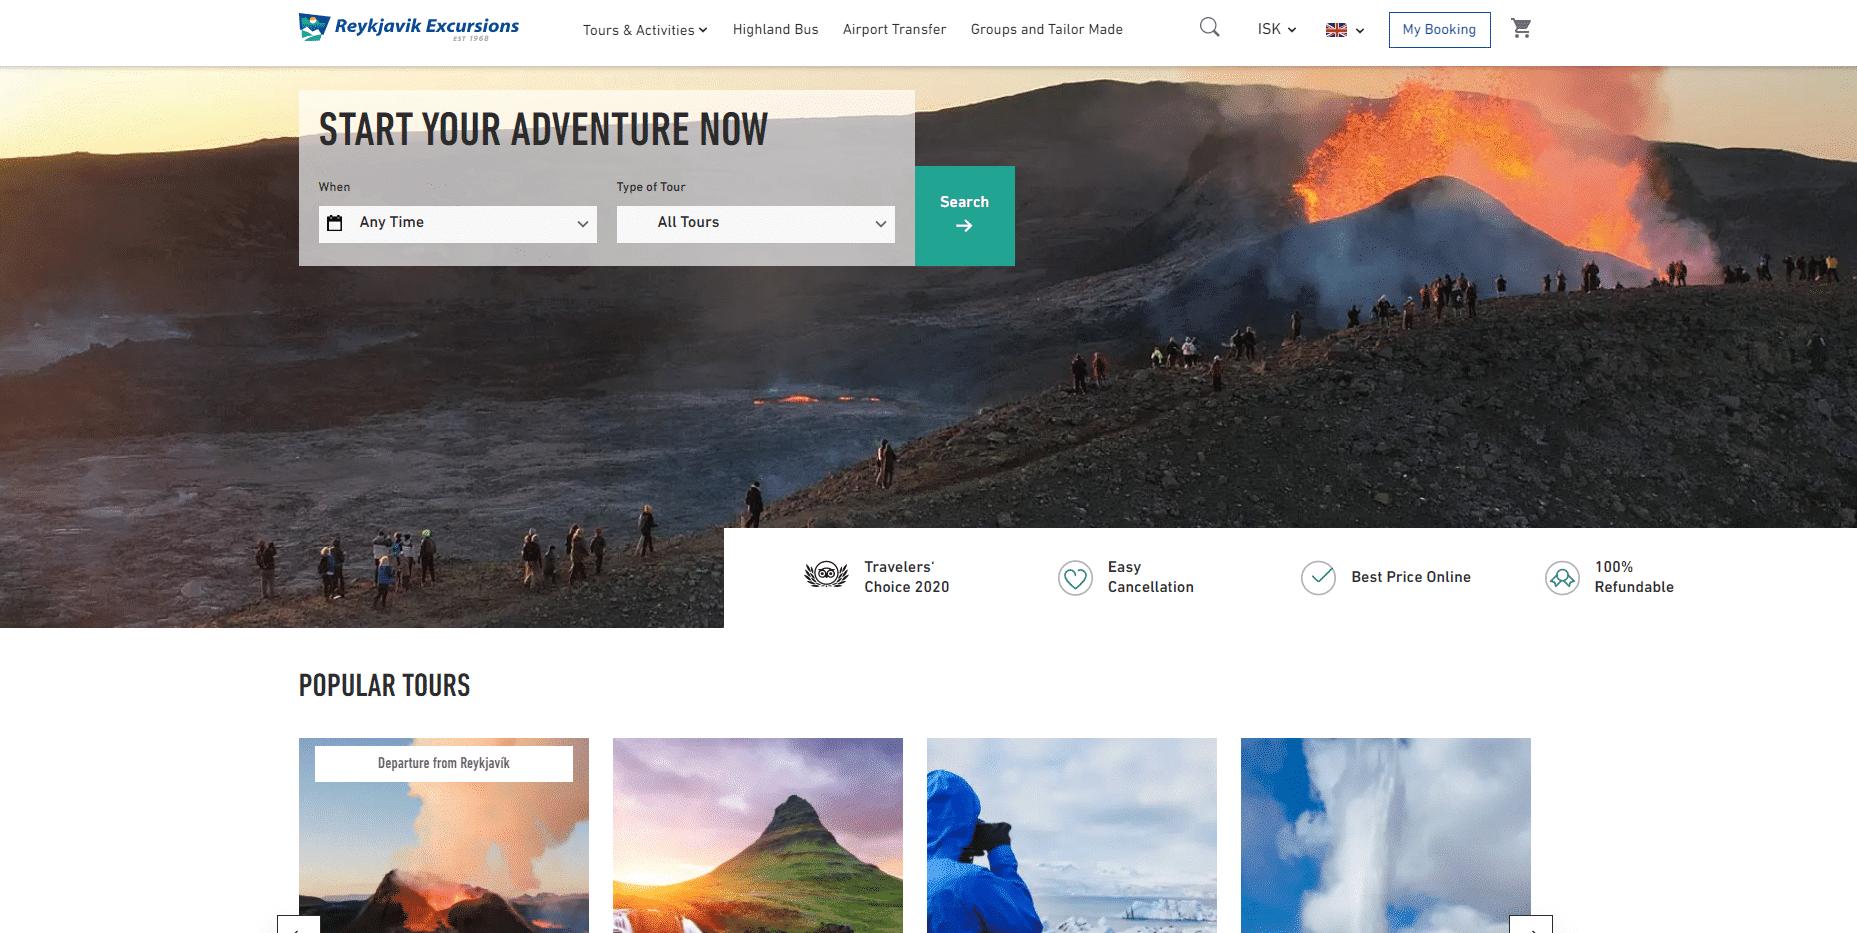 Icelandic Coastline Tours